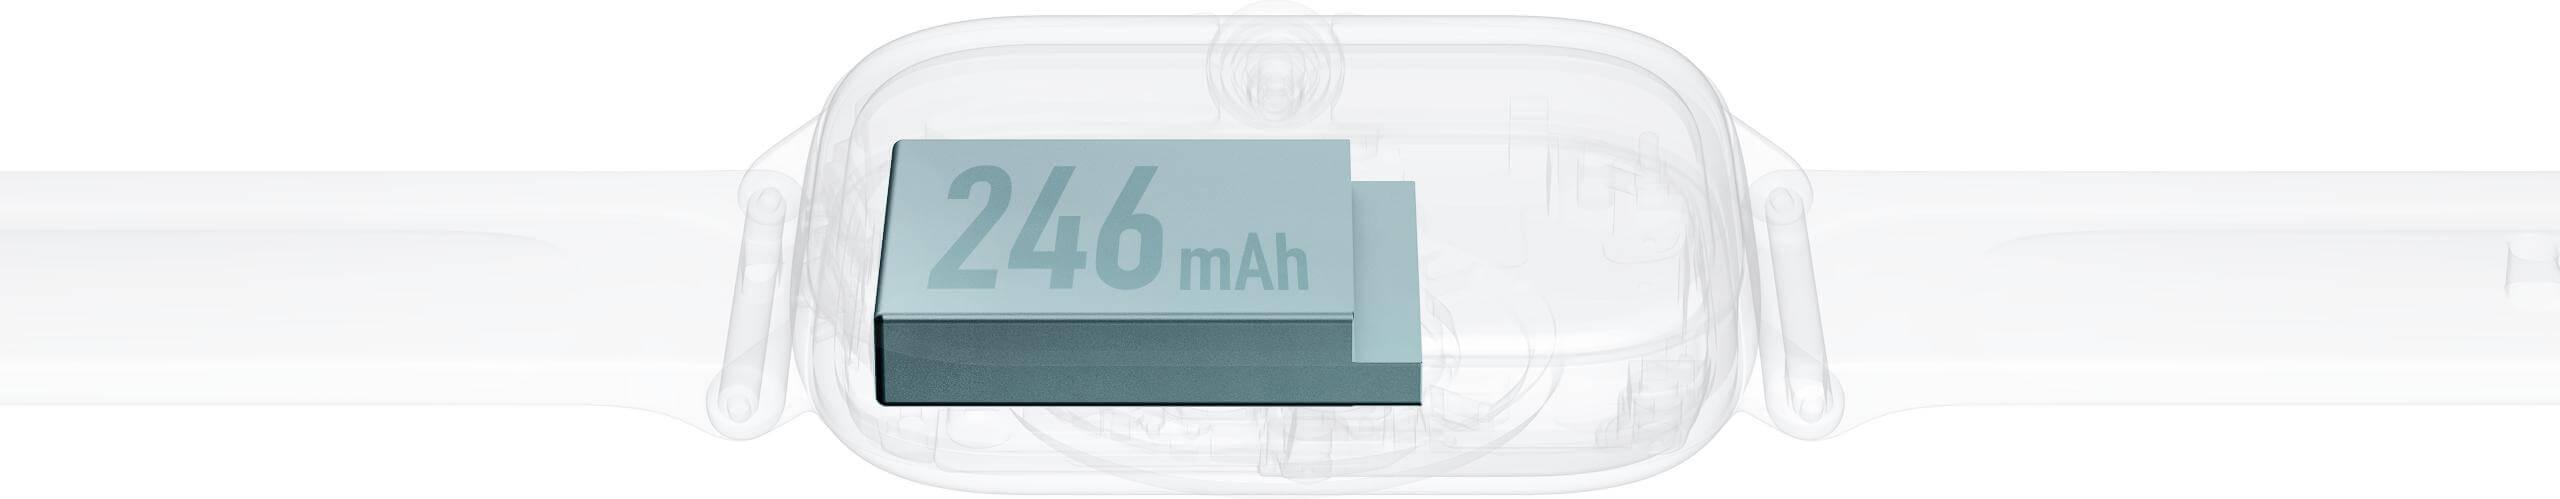 batteria 246 mAh